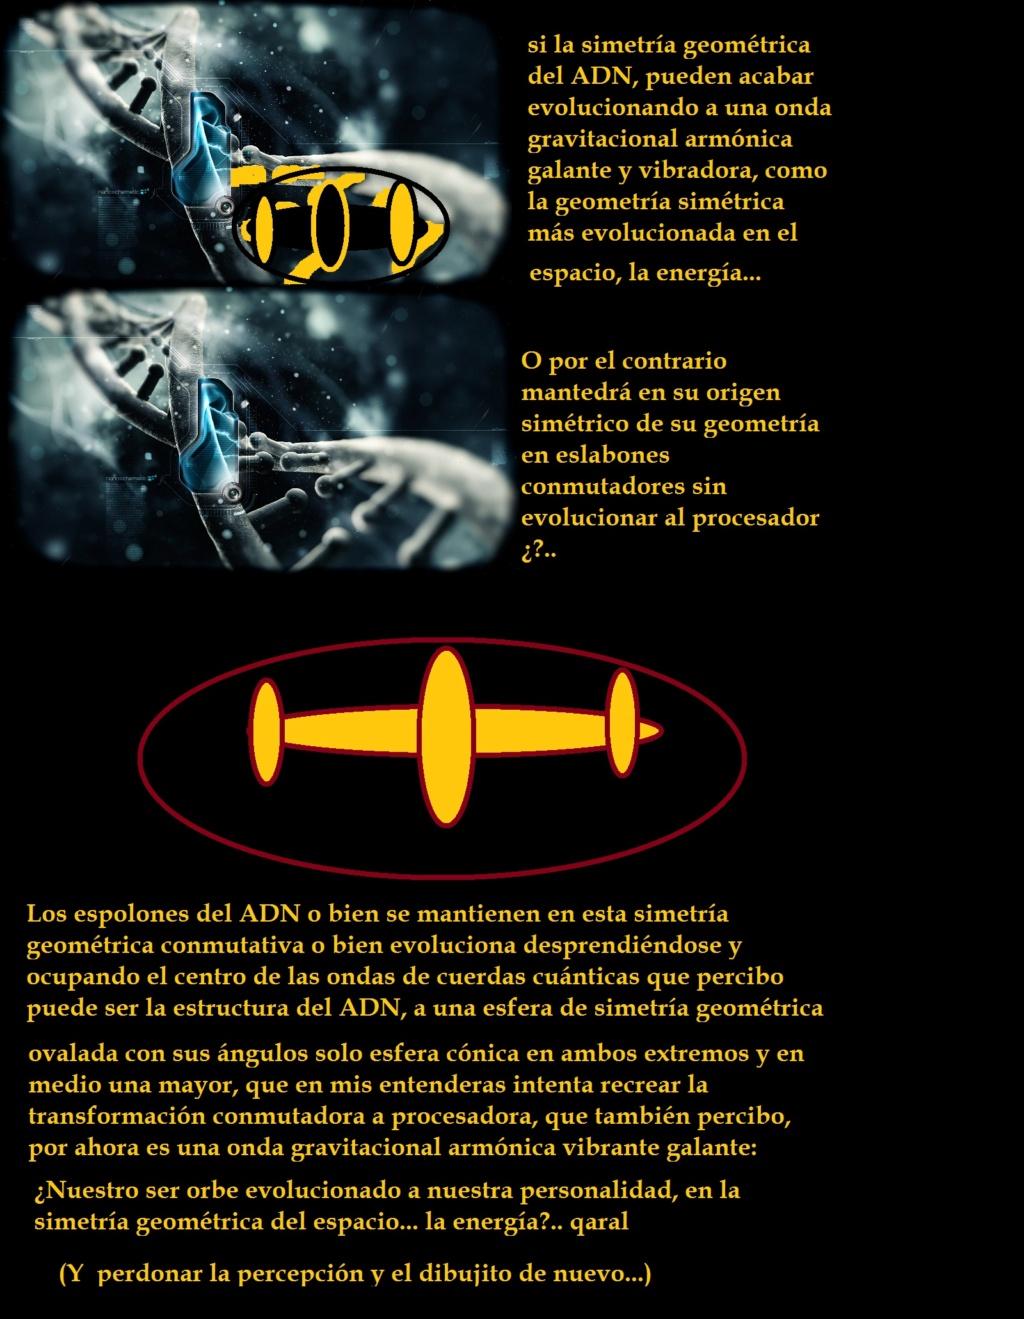 ¿A VUELTA CON LA POSIBILIDAD DE LA POSIBLE EVOLUCIÓN DE NUESTRO ADN, A UNA ONDA GRAVITACIONAL ARMÓNICA GALANTE VIBRANTE ARMÓNICA? Dna_na10